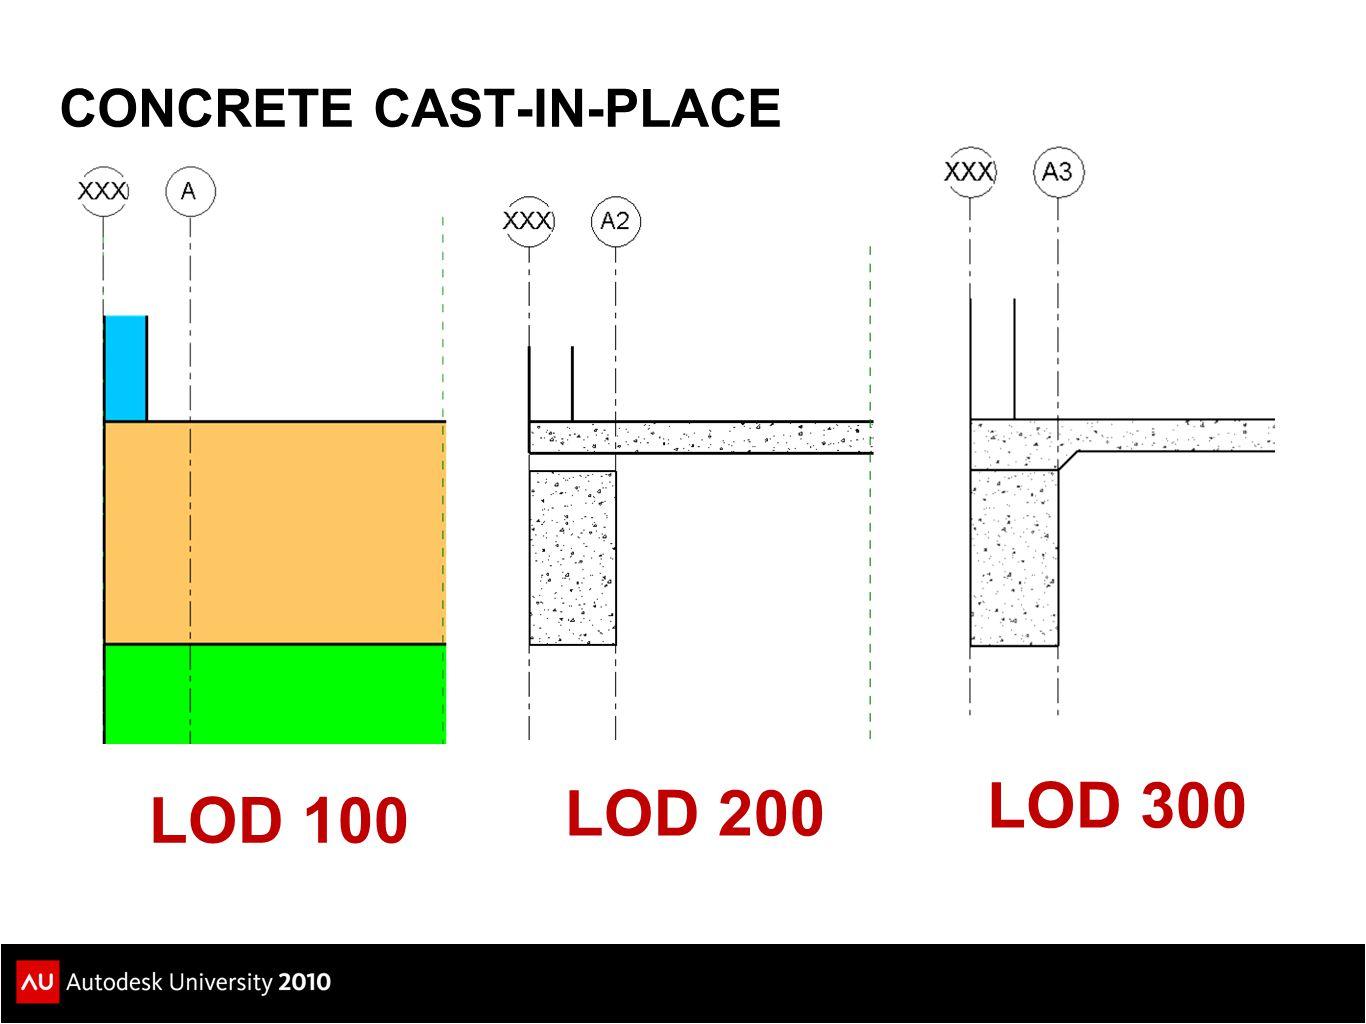 CONCRETE CAST-IN-PLACE